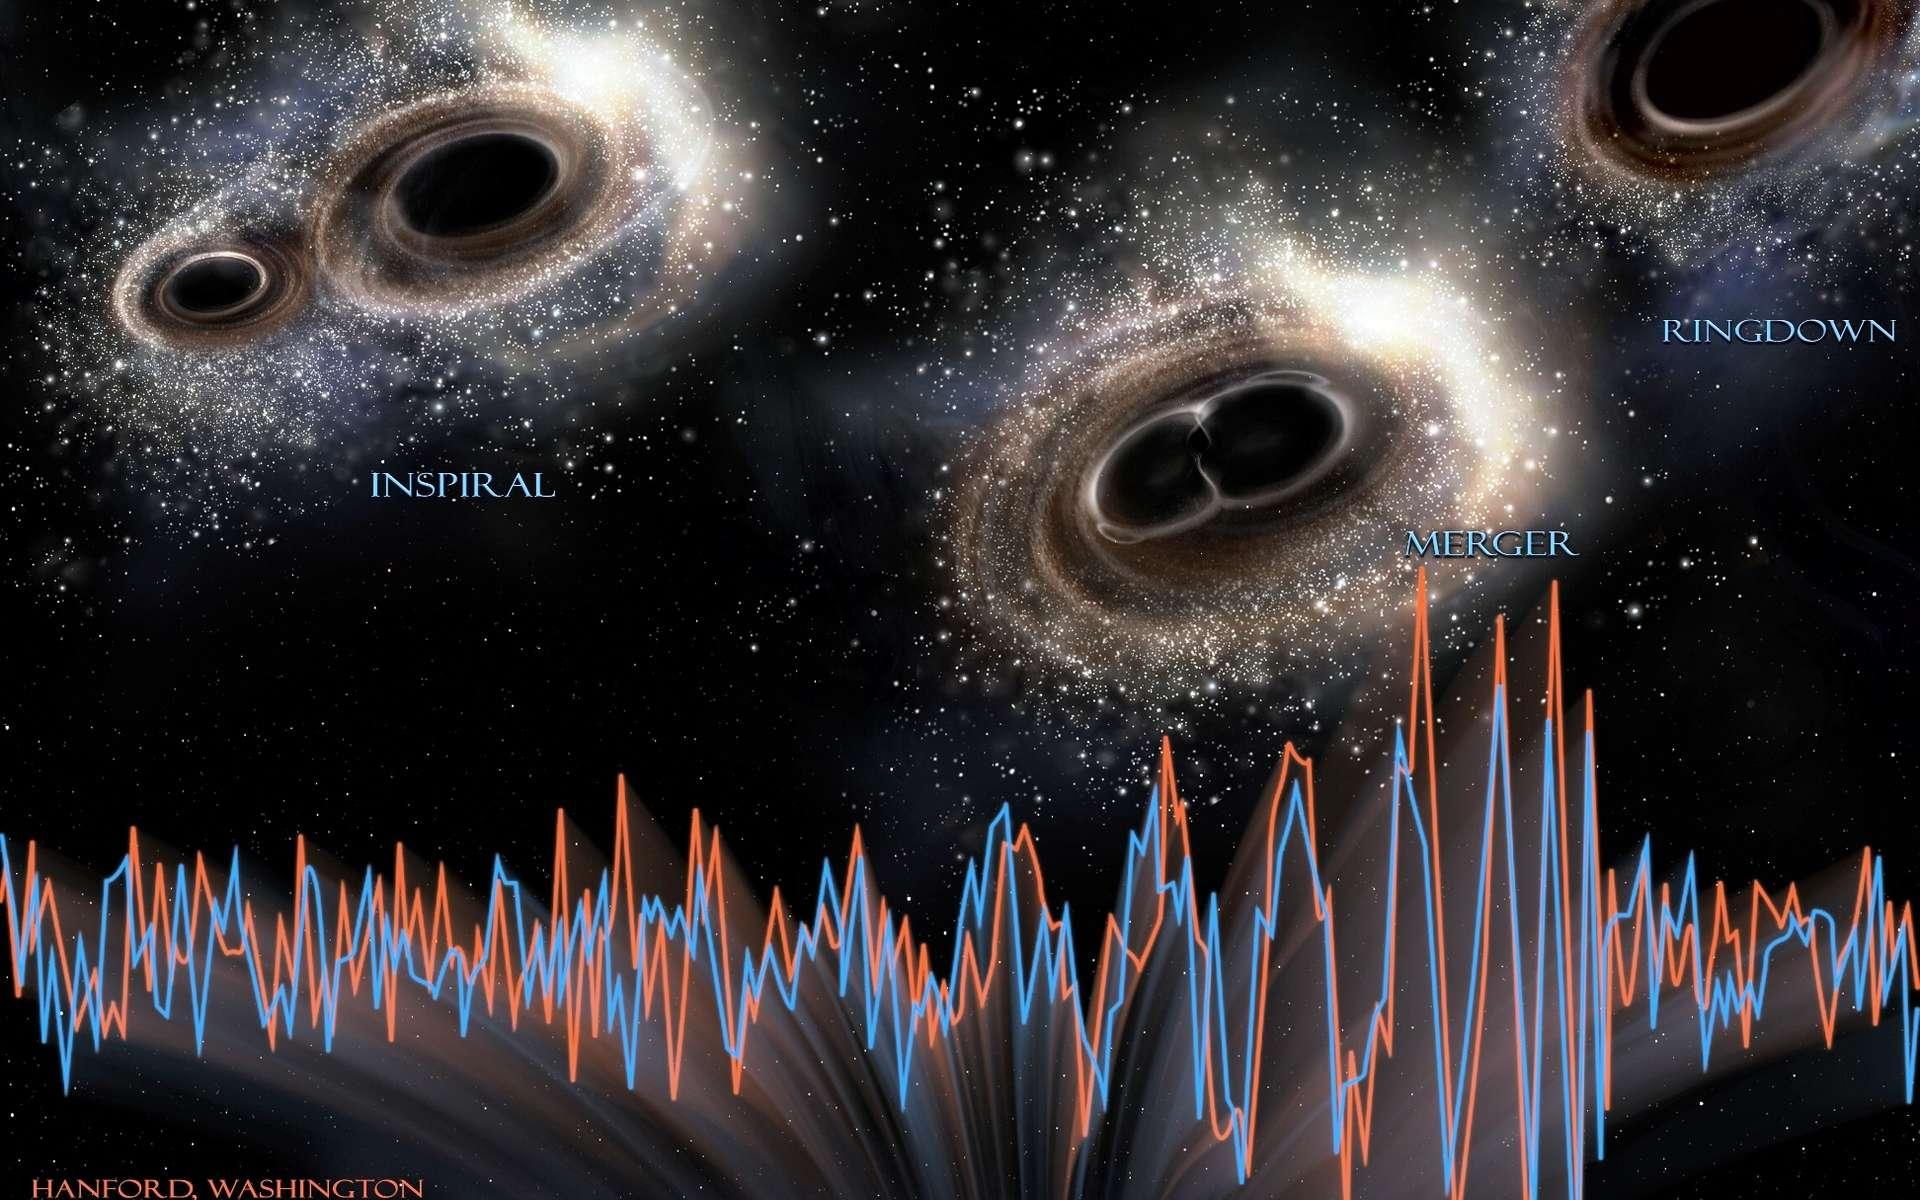 Inspiral, merger, ringdown : ce sont les noms anglais des trois étapes qui ont conduit deux trous noirs à se rapprocher en décrivant une spirale à la suite des pertes d'énergies sous forme d'ondes gravitationnelles, puis à entrer en collision pour finalement donner un seul trou noir. L'horizon des évènements de l'objet compact final a vibré, telle une cloche frappée, en émettant des ondes gravitationnelles. L'évènement a duré moins d'une seconde. Les courbes montrent les signaux détectés par les deux interféromètres Ligo, à Handford, et à Livingston, aux États-Unis, le 14 septembre 2015 et elles sont en correspondance avec la chronologie des évènements. © Ligo, NSF, Aurore Simonnet